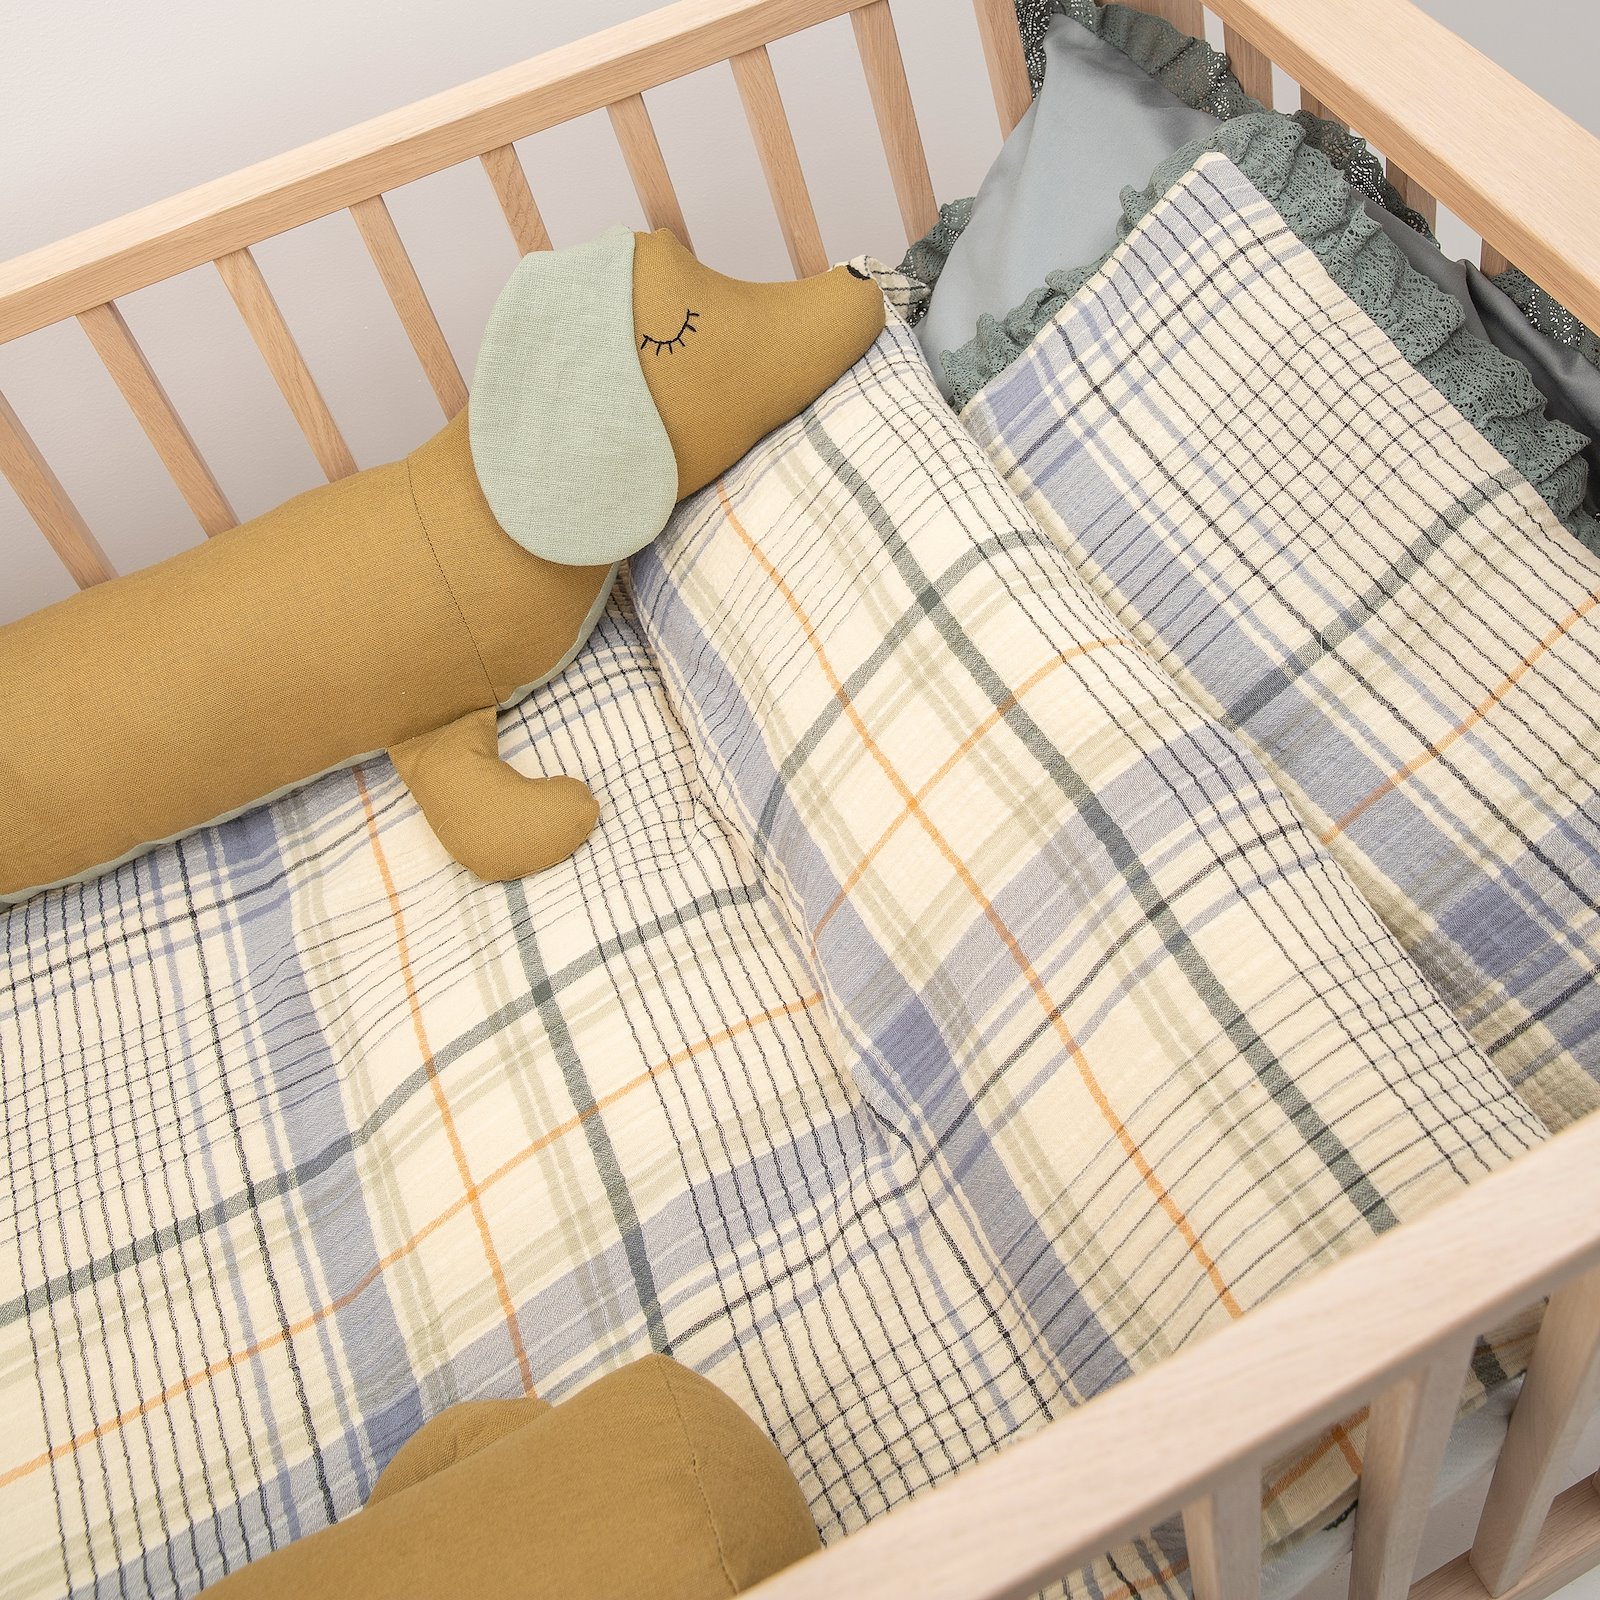 Linen/cotton light dusty green p90076_501897_22246_p90316_410146_410131_bundle